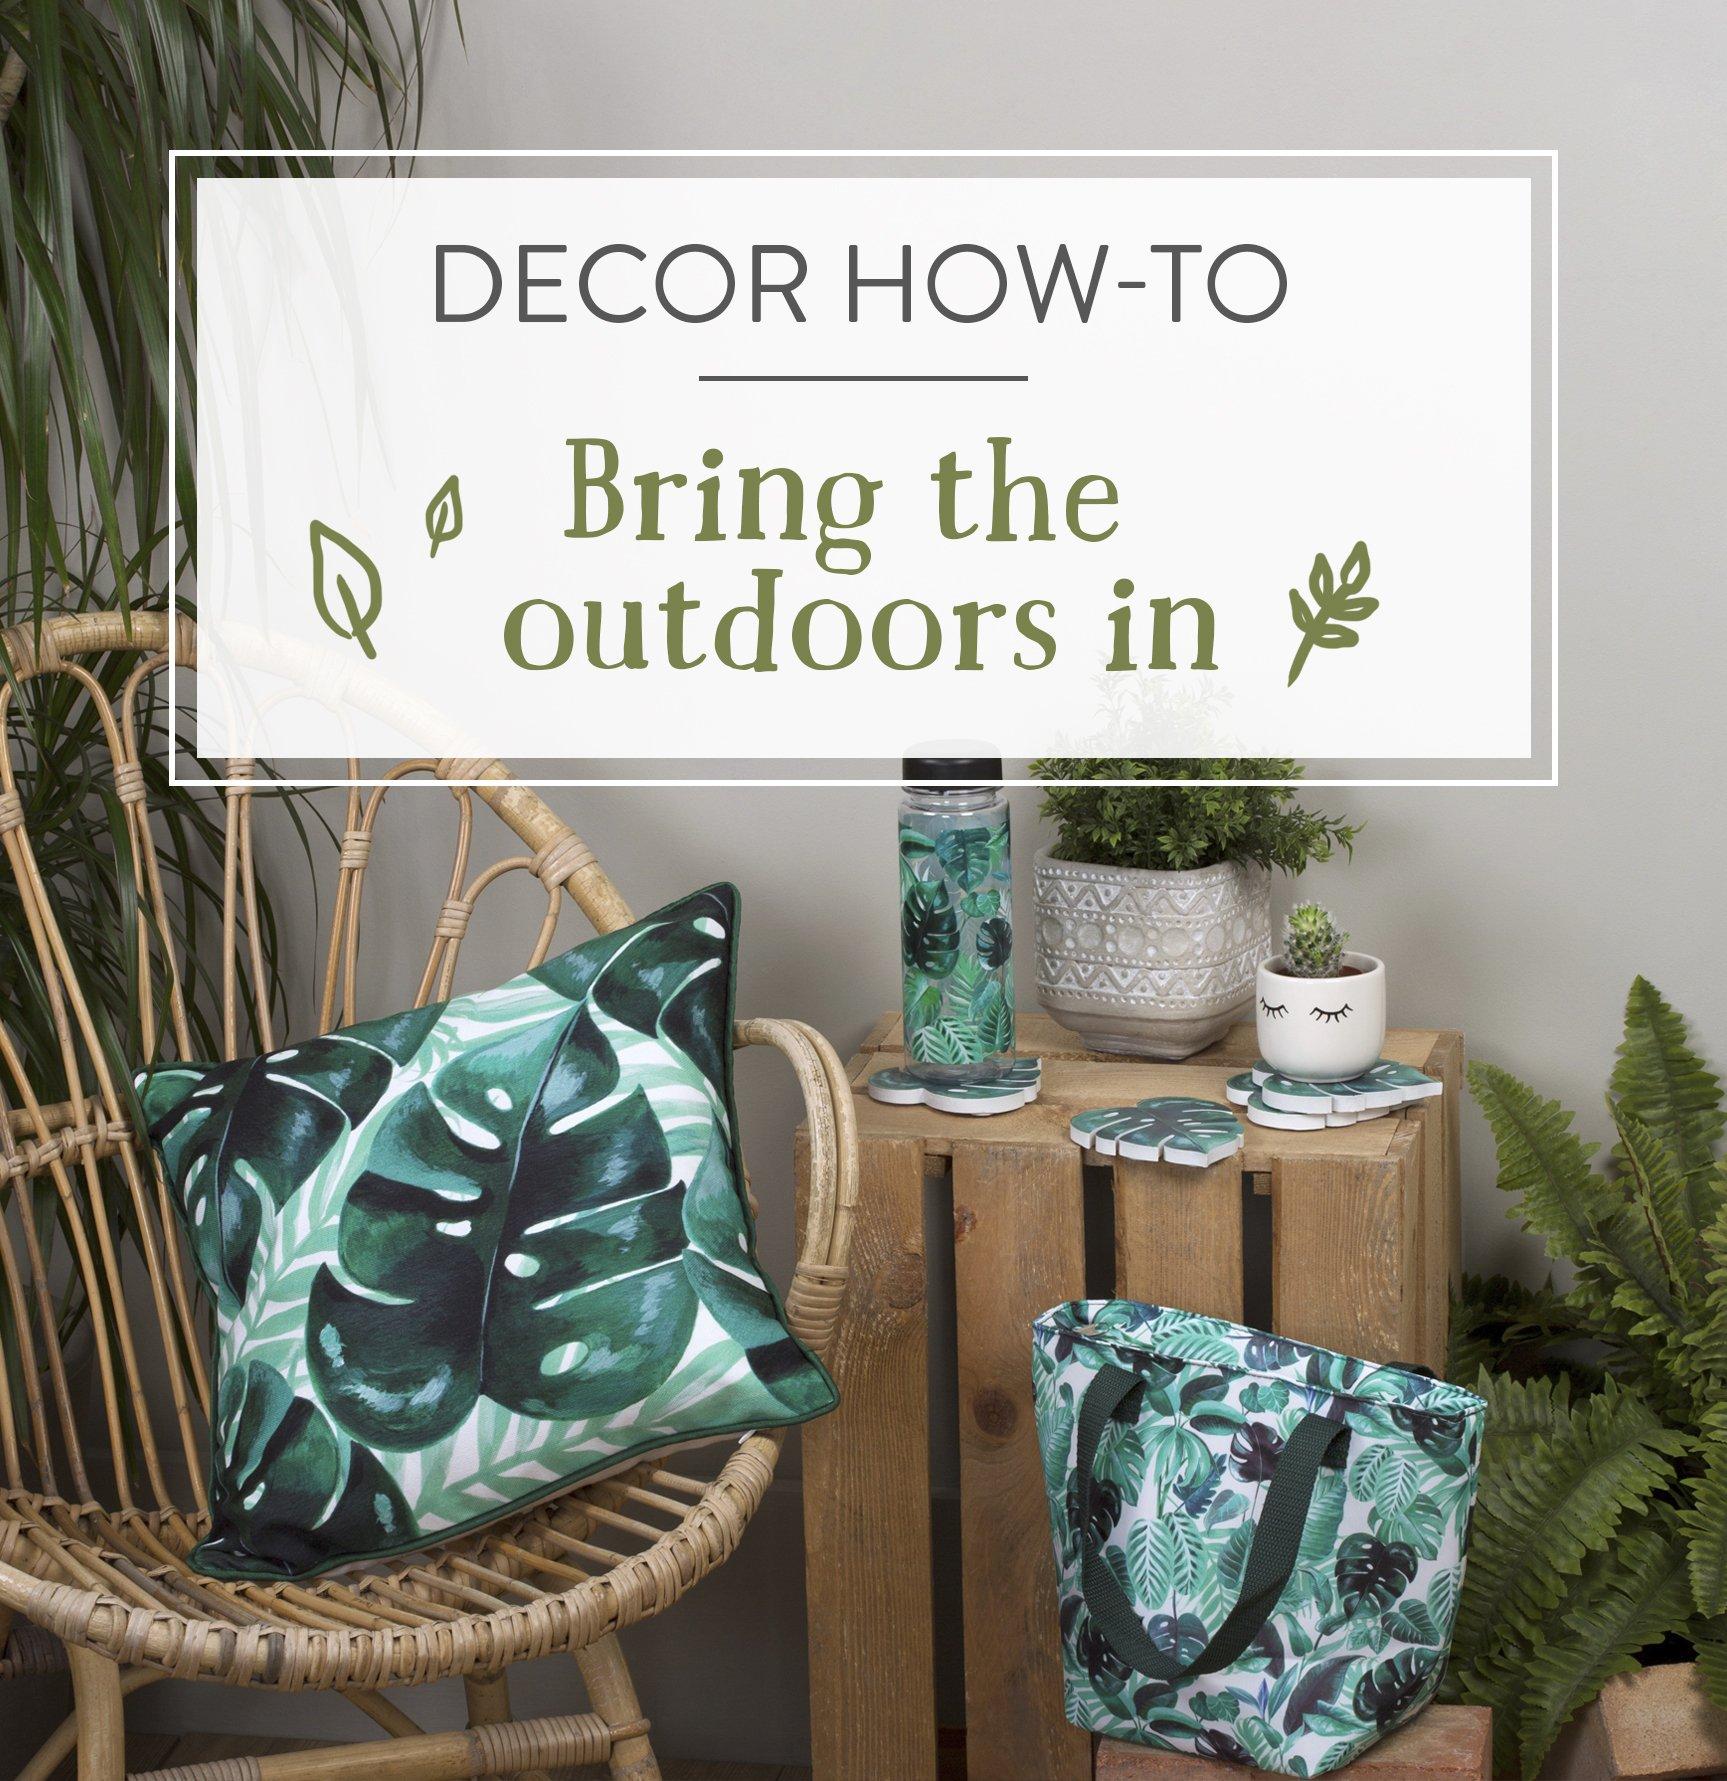 Home Decor Blog Names - Imanlive.com